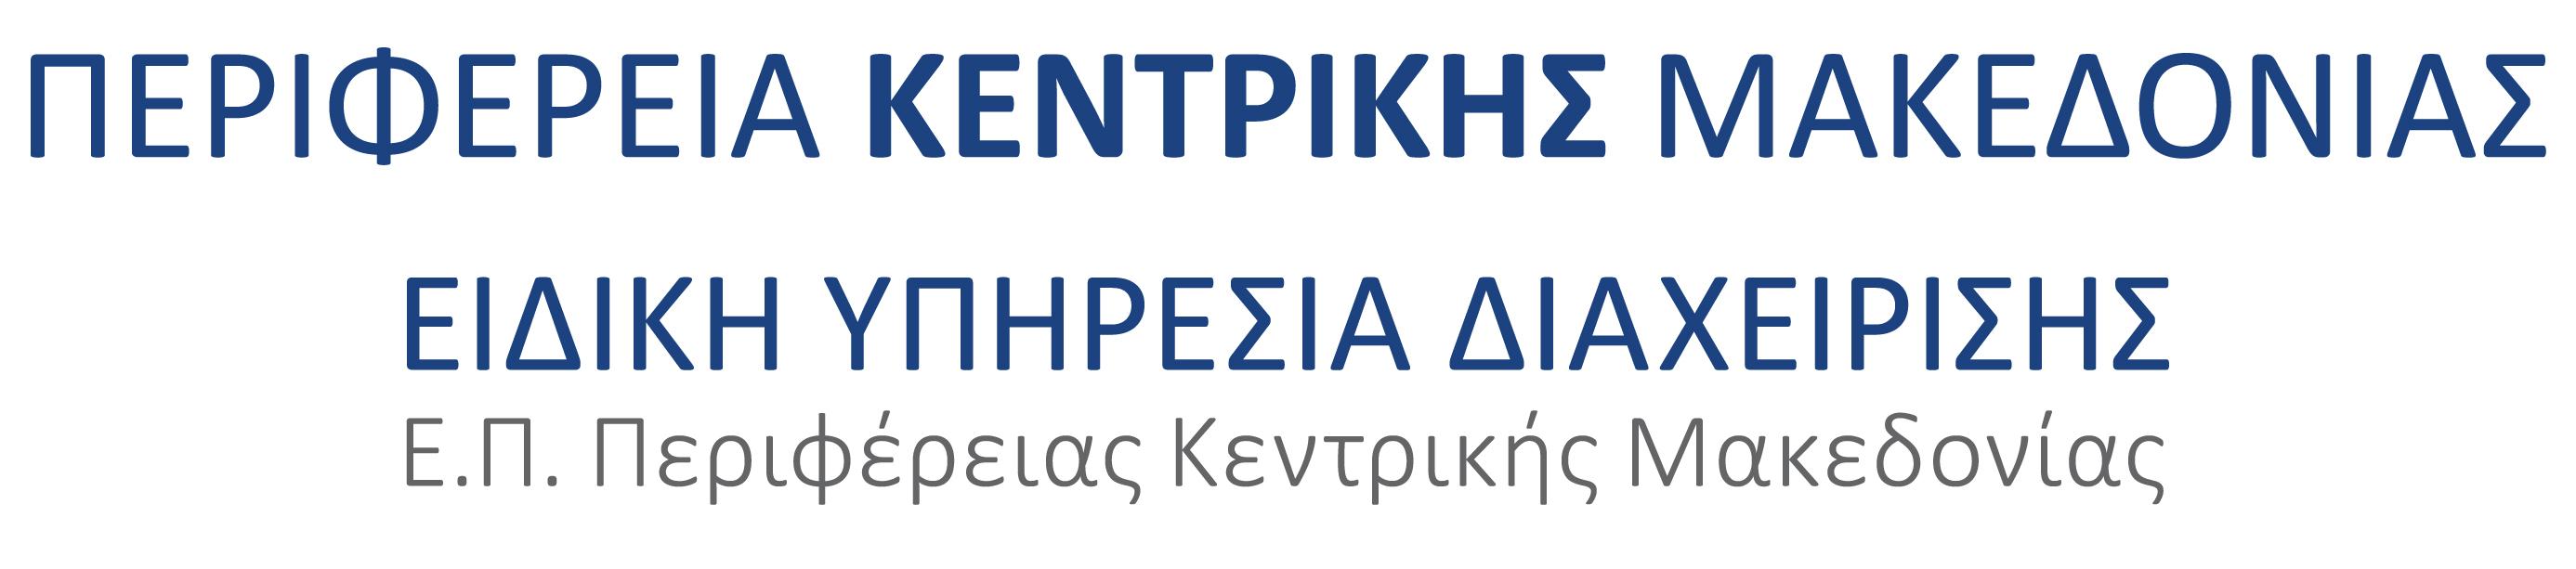 EYD EP PKM_GR